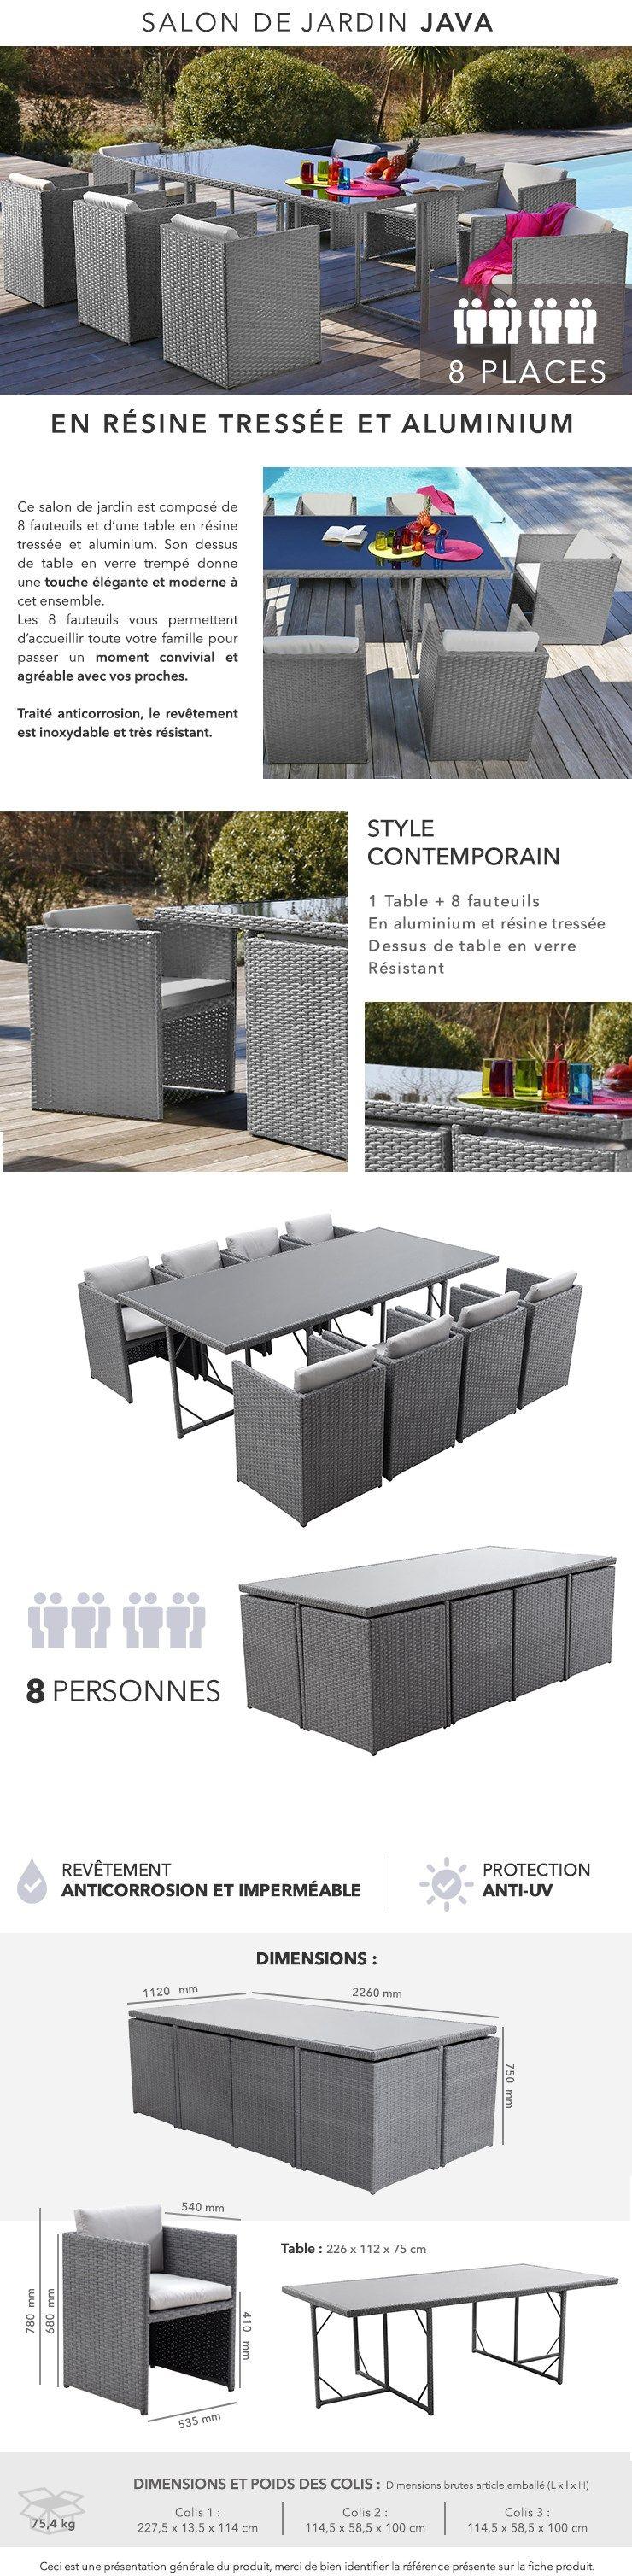 JAVA Salon de jardin 8 places en résine tressée et aluminium ...